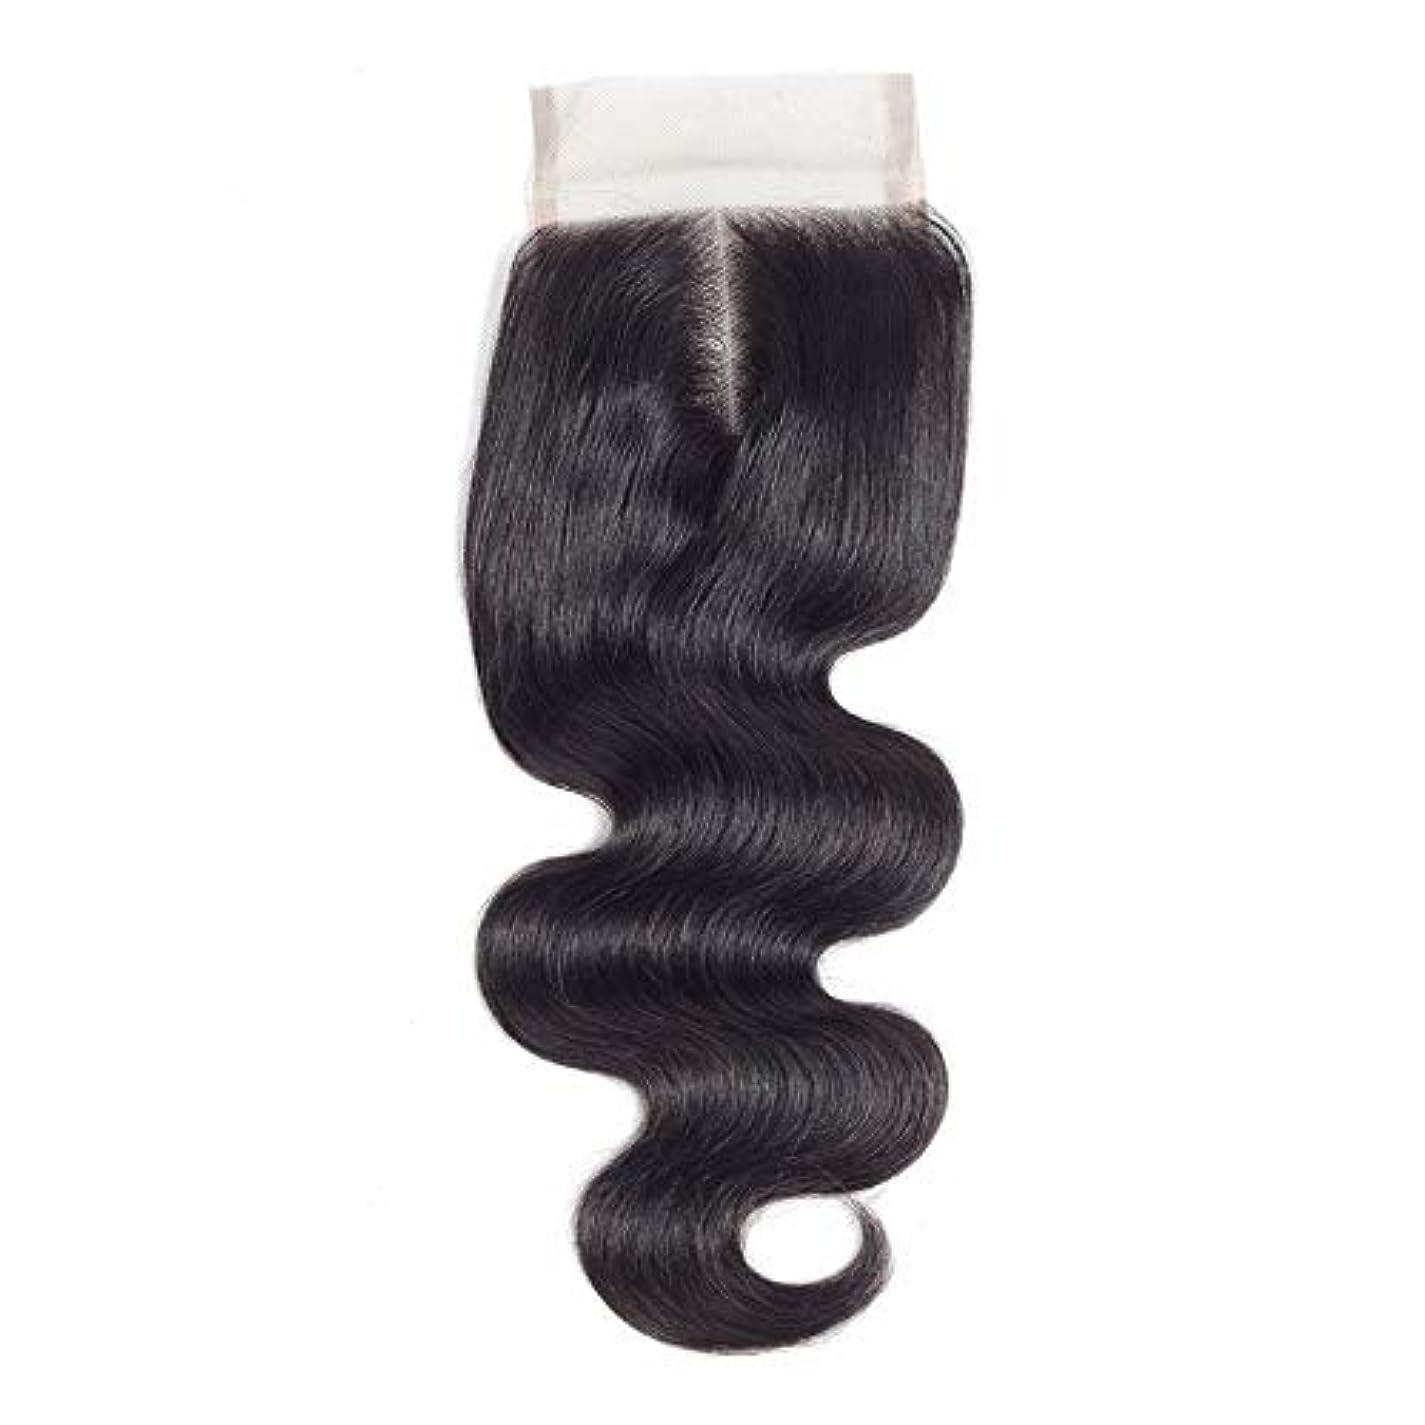 バッジメディカルネットWASAIO ブラジルのボディウェーブ女性の人間Veridicalヘアエクステンションクリップのシームレスな髪型4x4のレースフロンタル閉鎖センター別れ(8インチ?20インチ) (色 : 黒, サイズ : 10 inch)